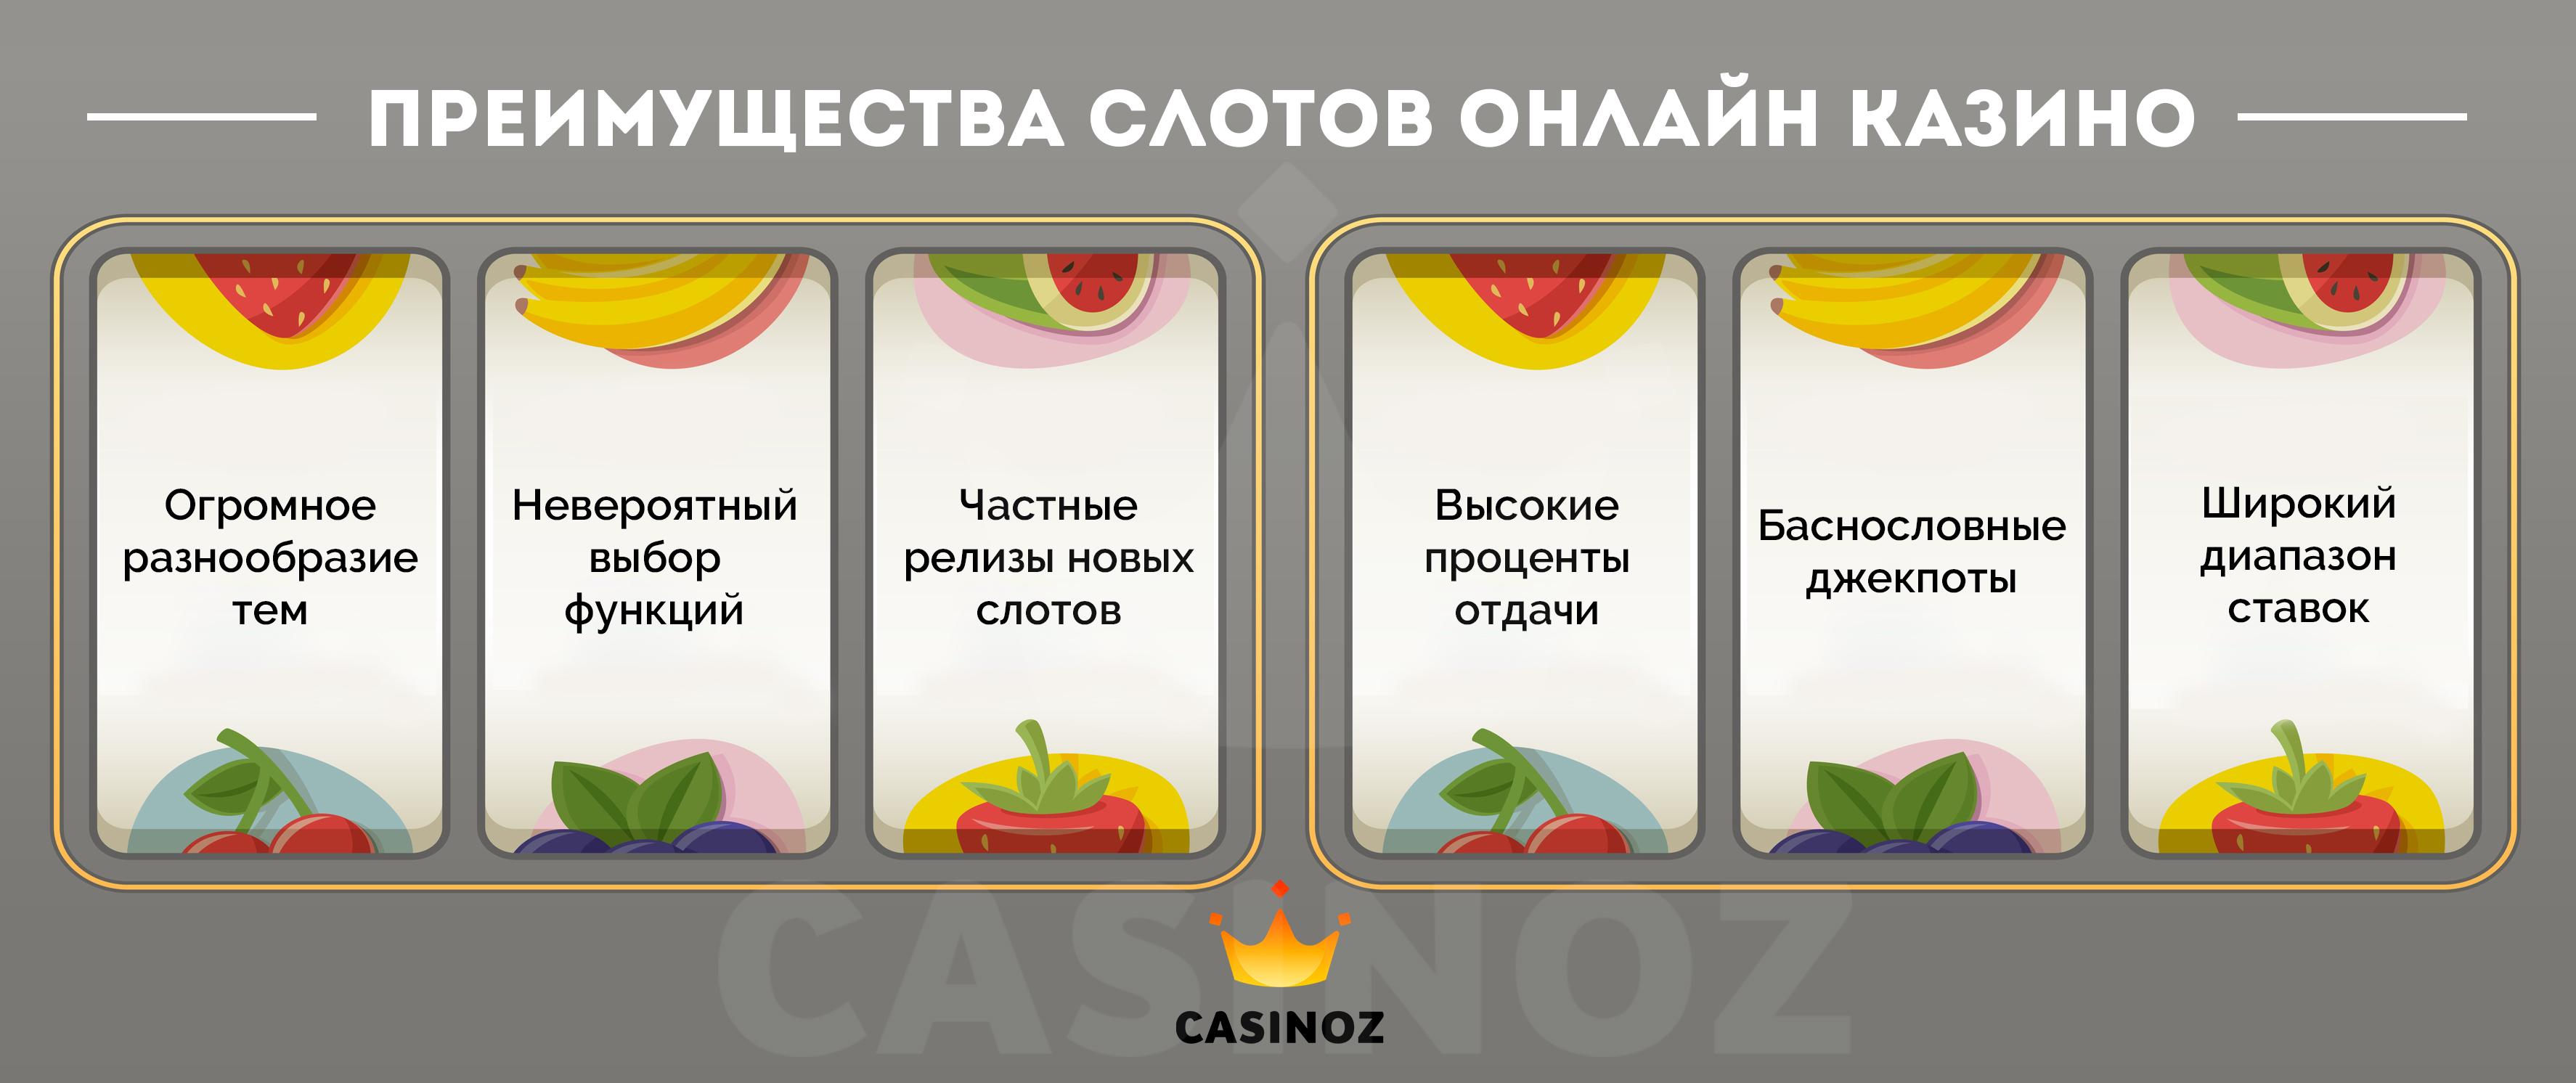 автоматы янде казино на игровые интернет